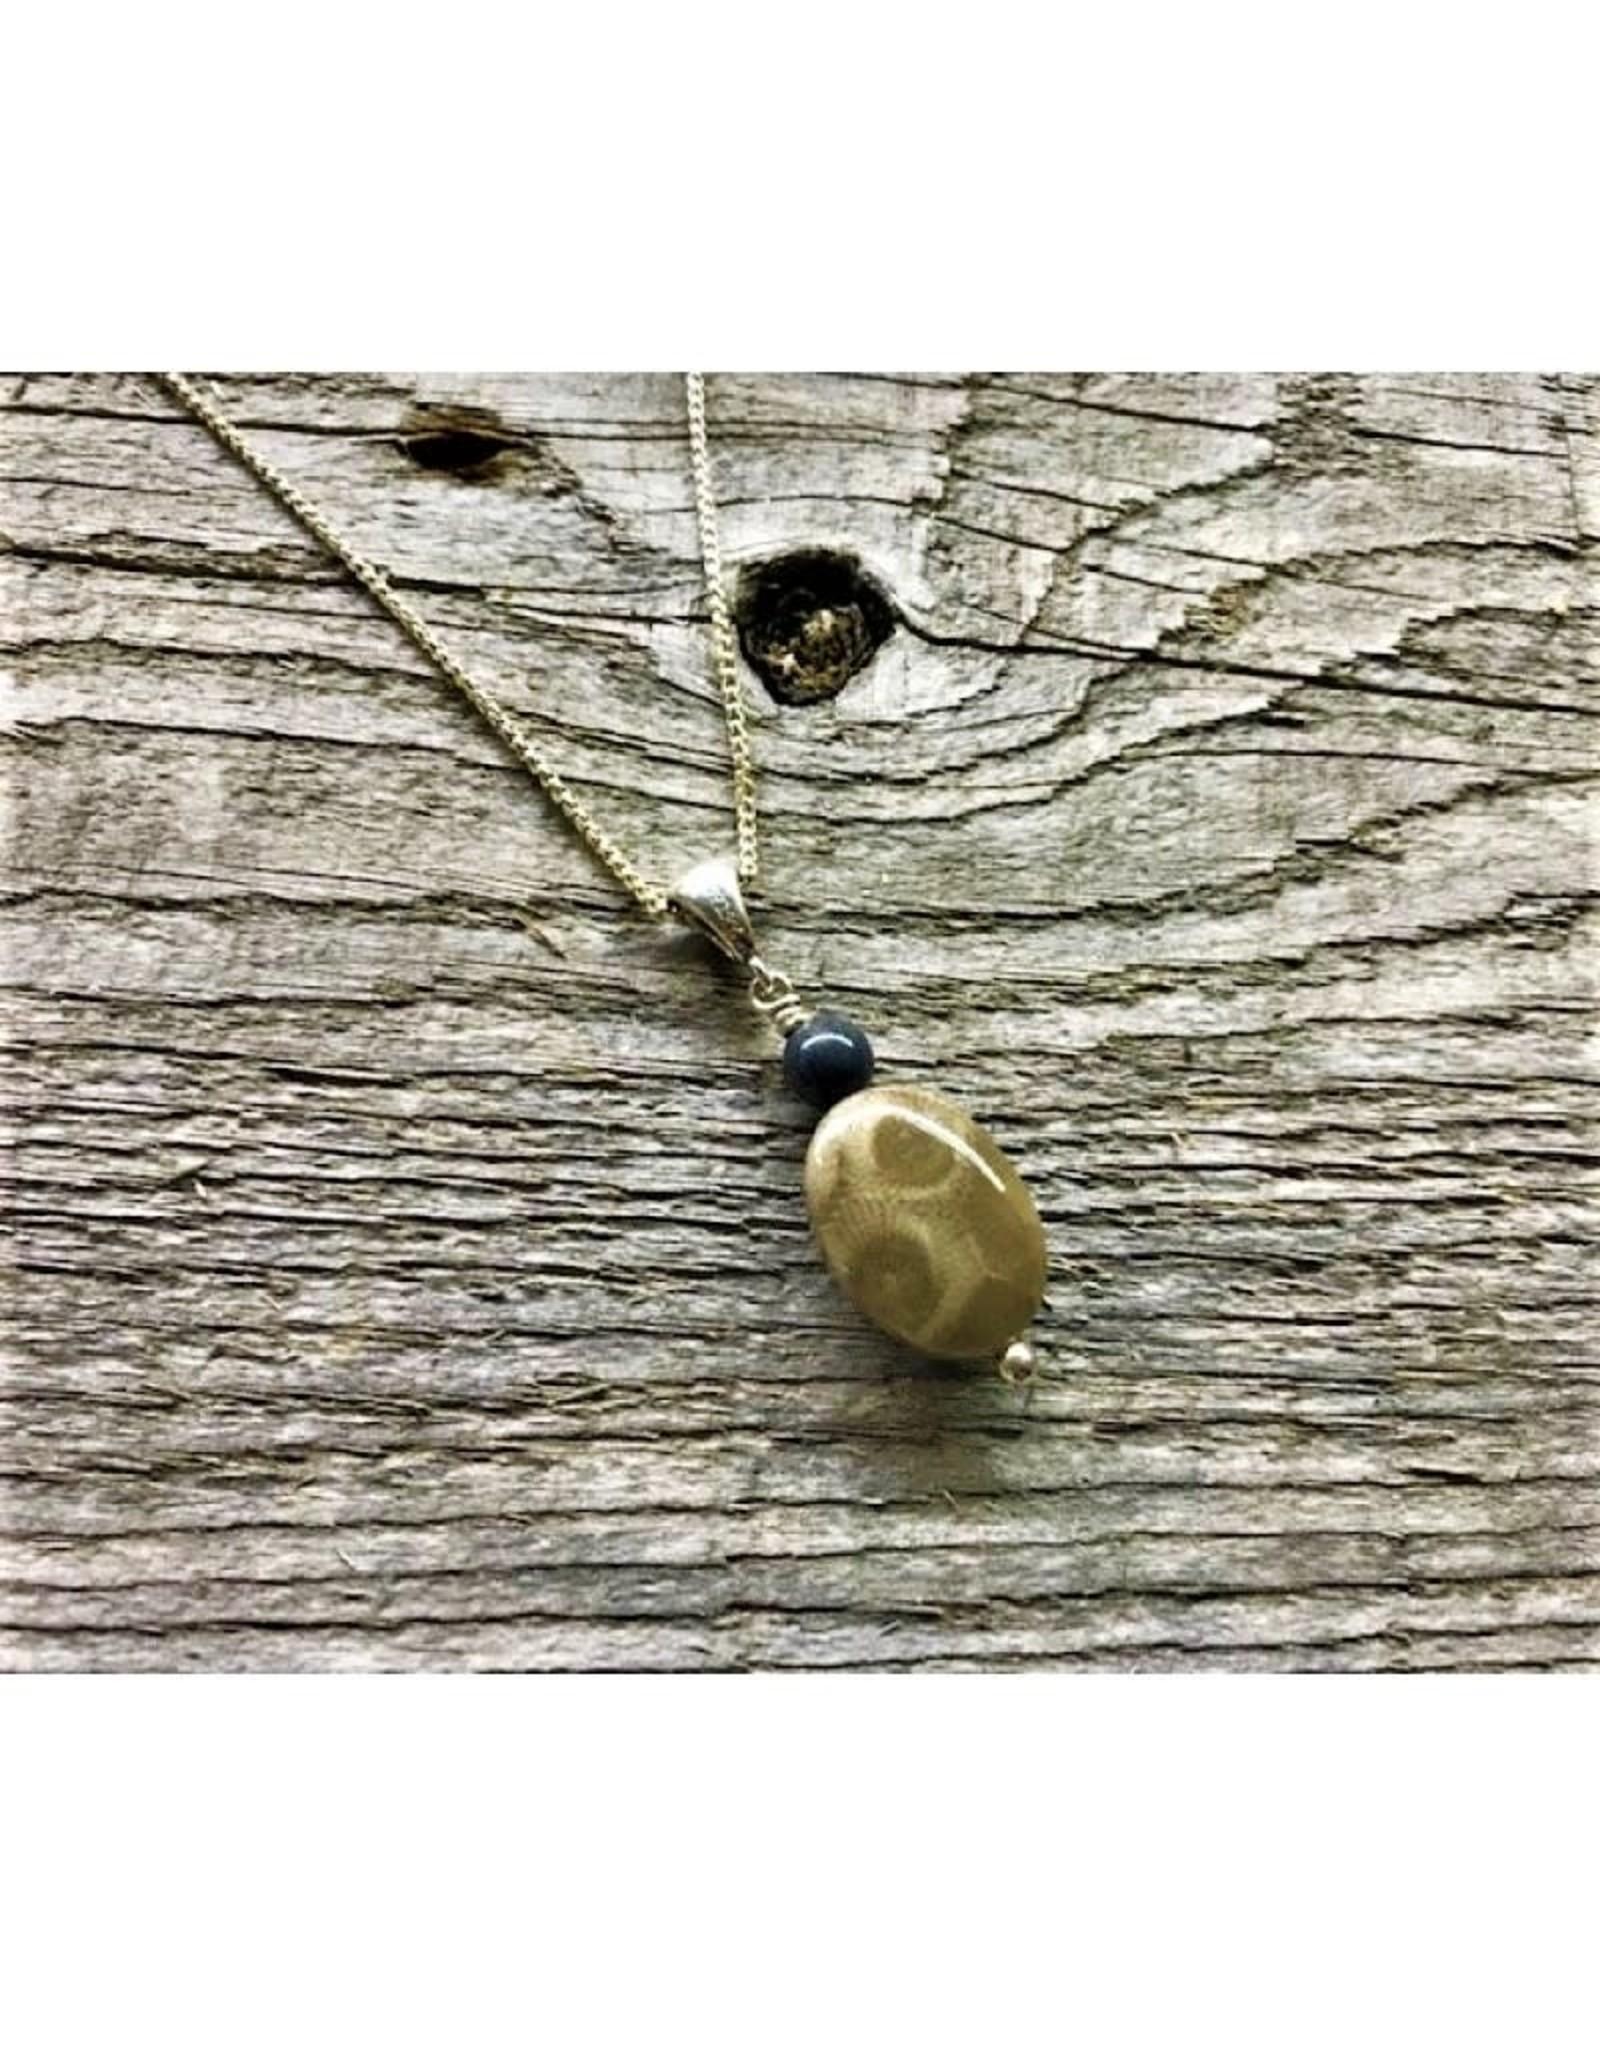 Necklace Pendant - Petoskey Stone with Leland Blue Bead